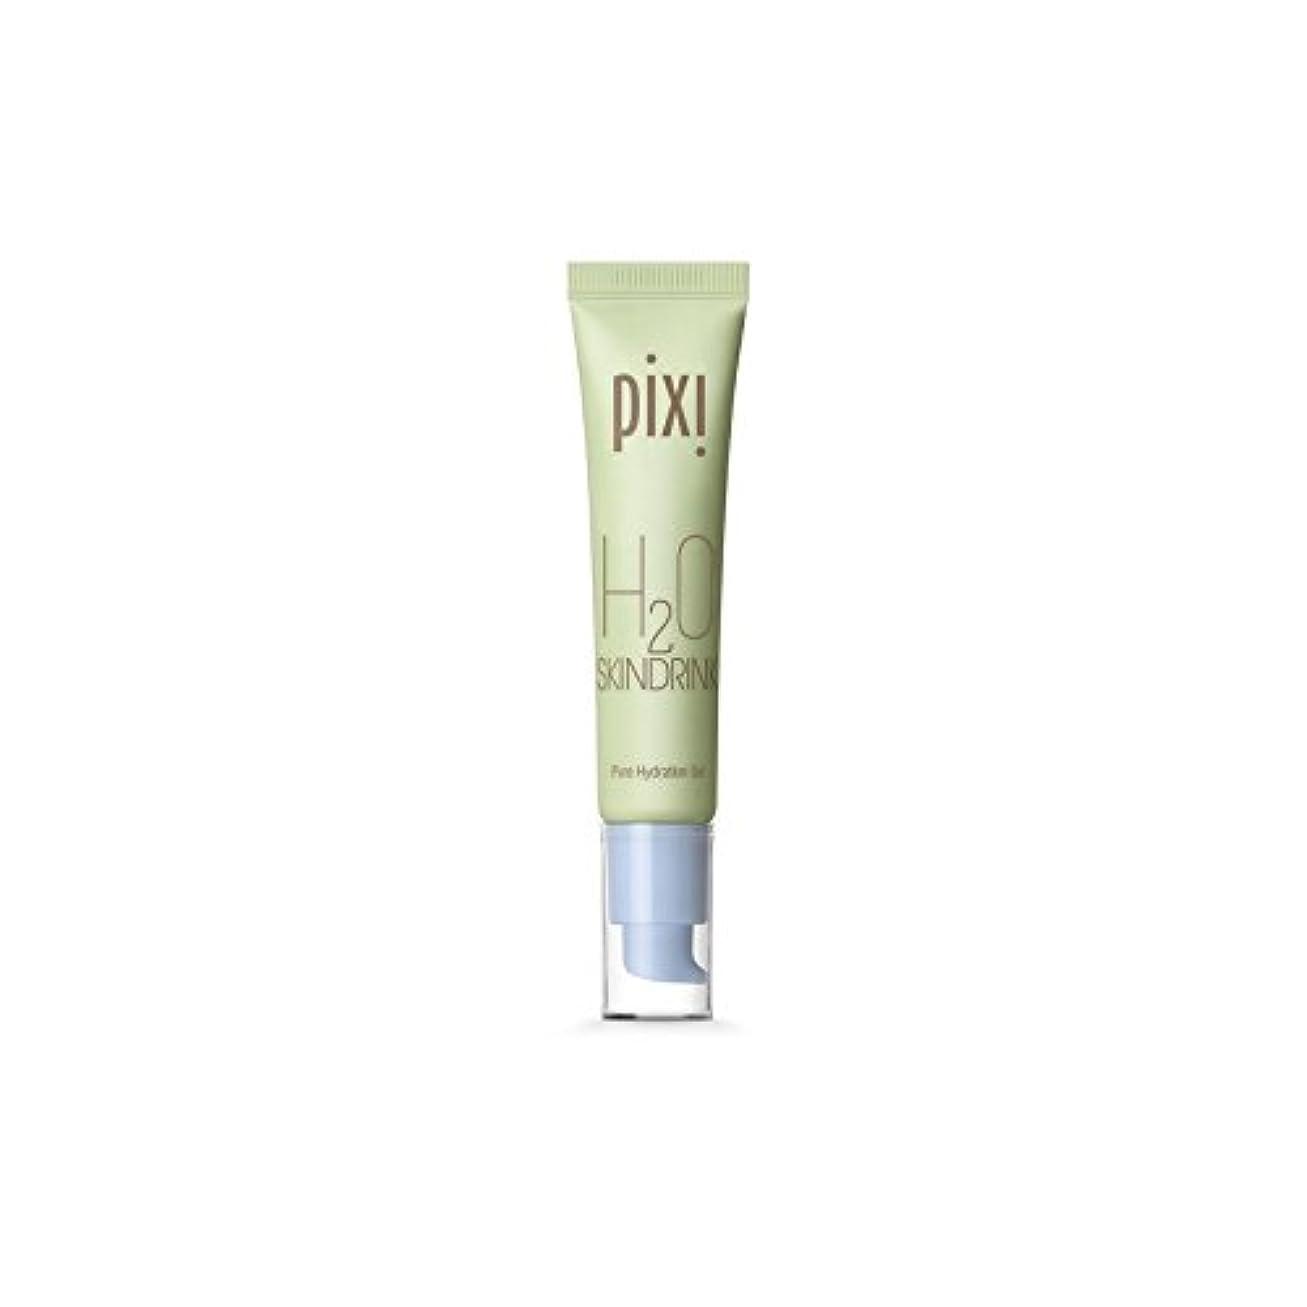 契約航空会社フェリー20スキンドリンク x4 - Pixi H20 Skin Drink (Pack of 4) [並行輸入品]